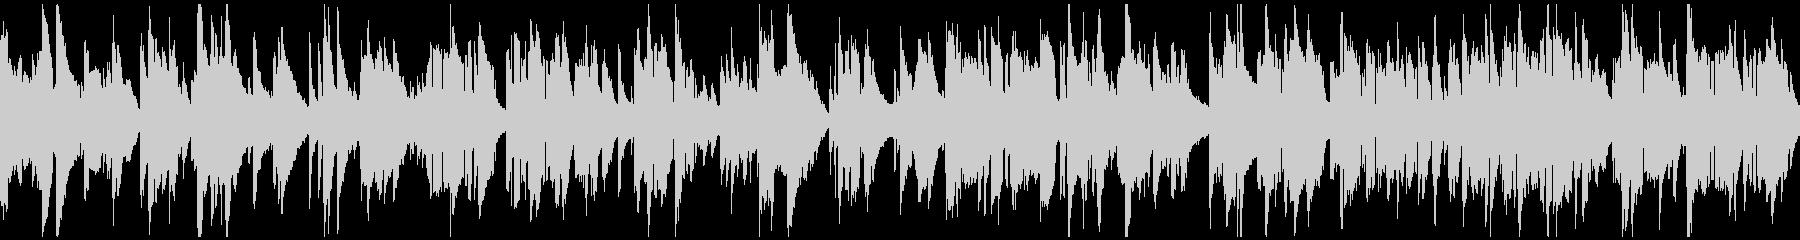 ムードたっぷりな生演奏サックス※ループ版の未再生の波形